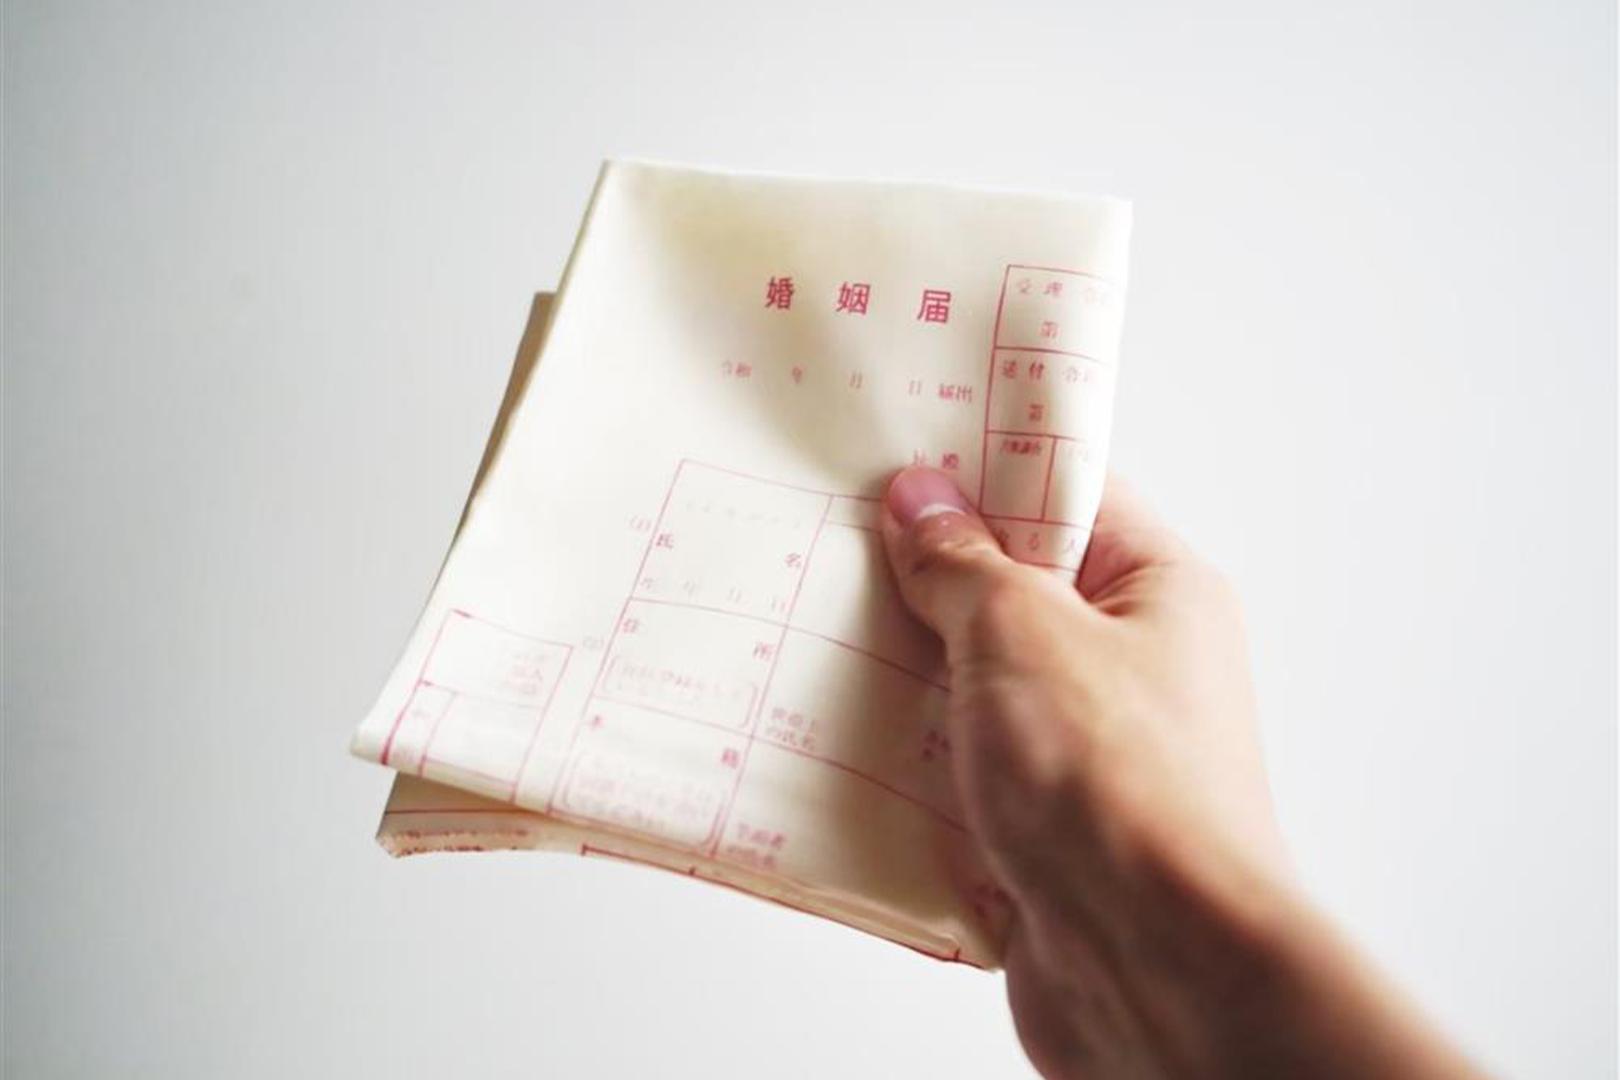 日本推特「結婚申請書手帕」話題設計!將求婚結合撿手帕浪漫情節的創意發想